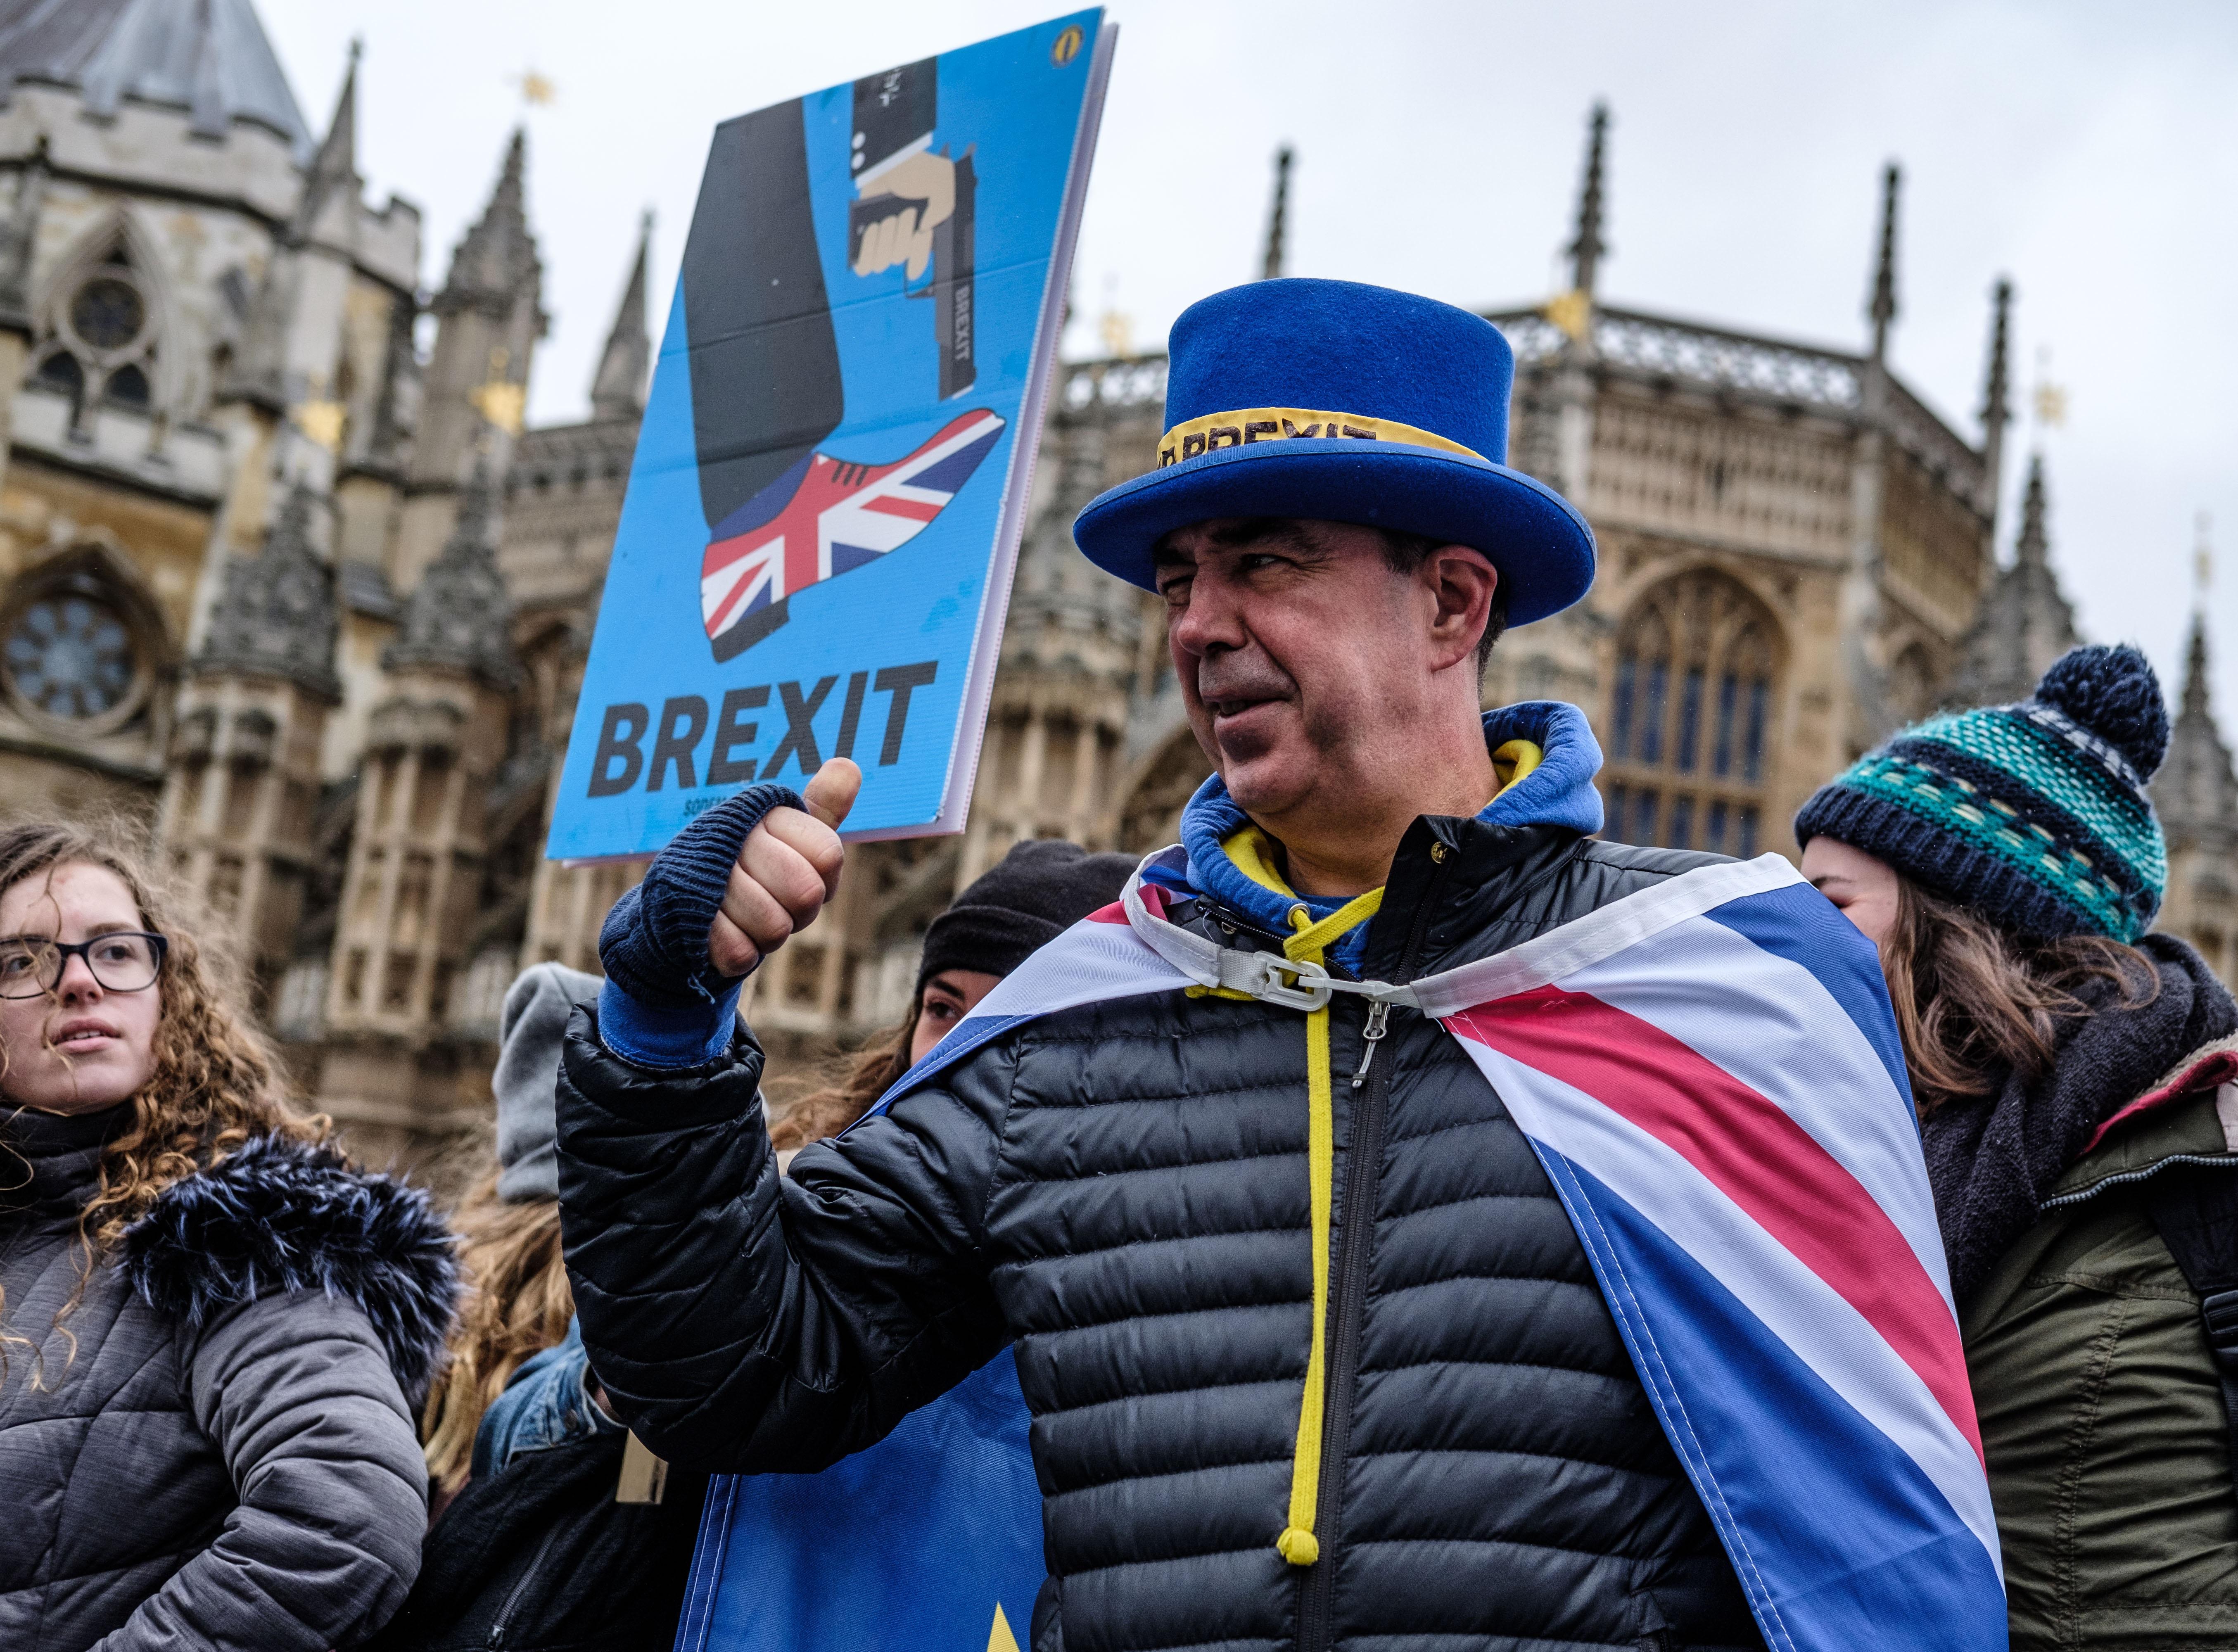 EUROPE: Les Cinqs Salopards Du Brexit Et Les 17 Millions d'Abrutis Qui Les Ont Crus!